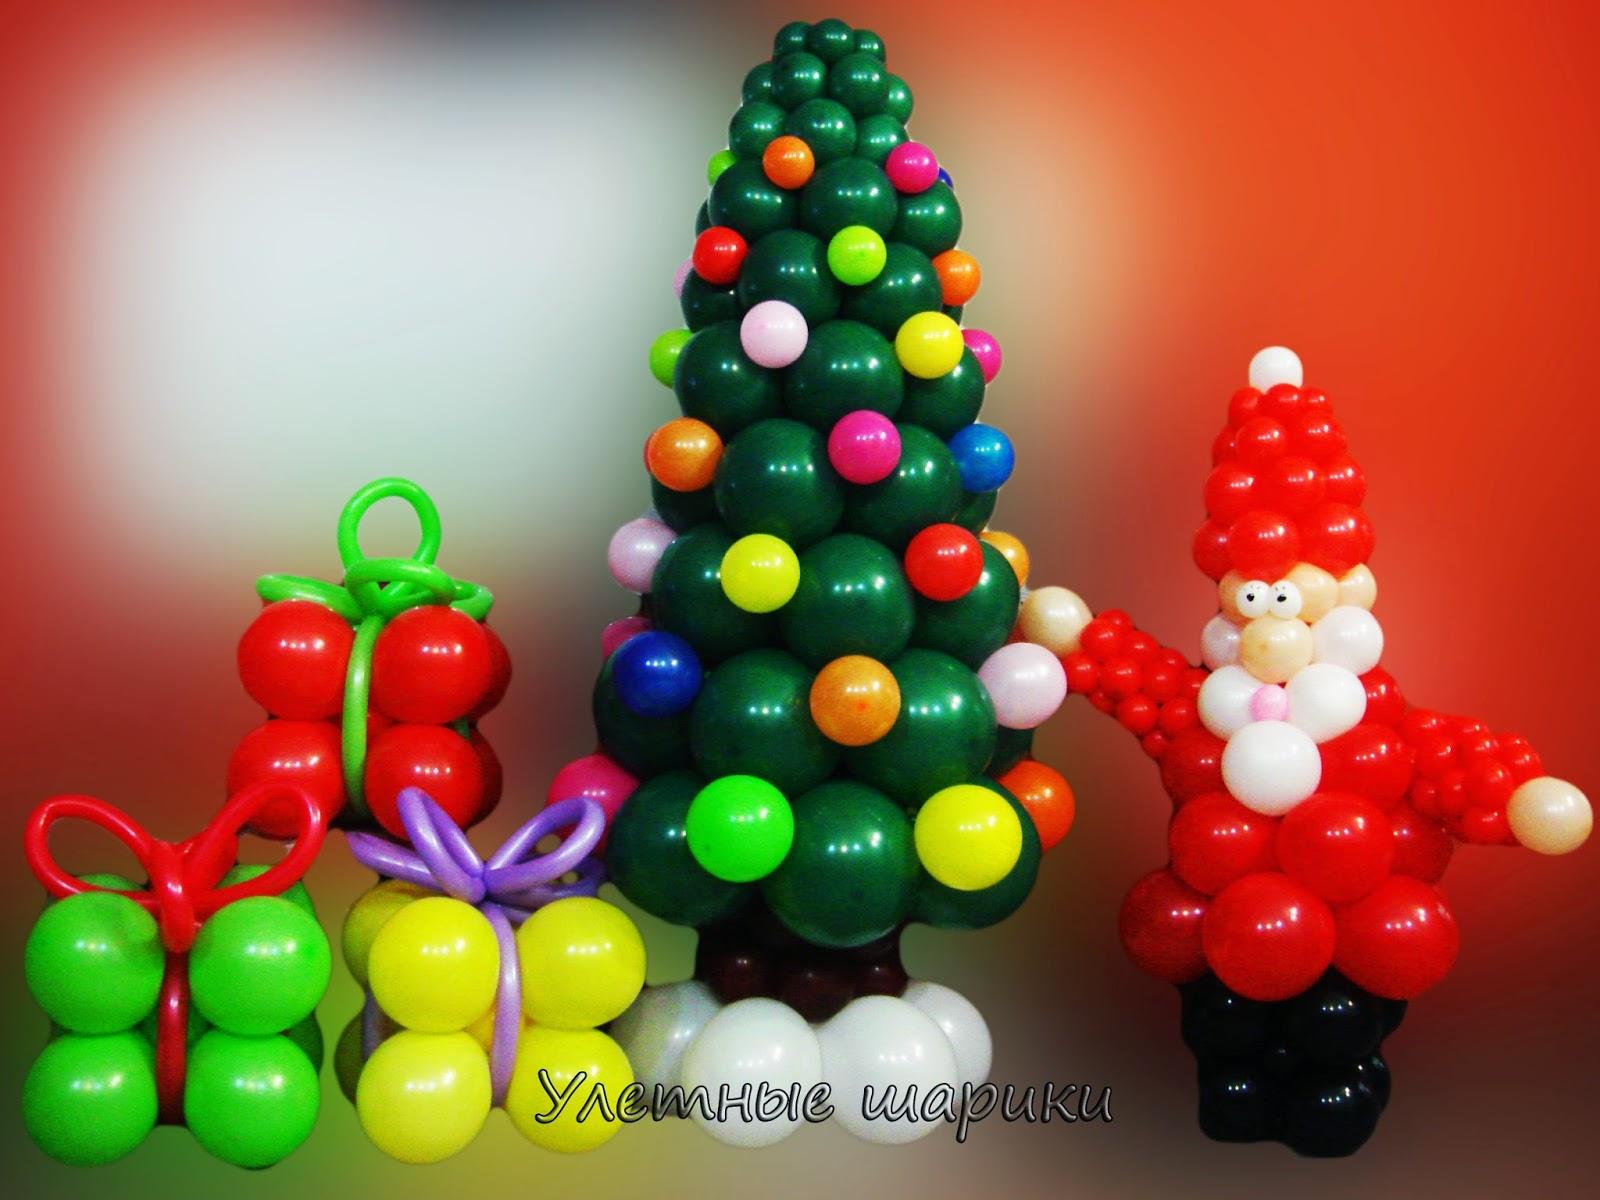 Новогоднее украшение из воздушных шаров